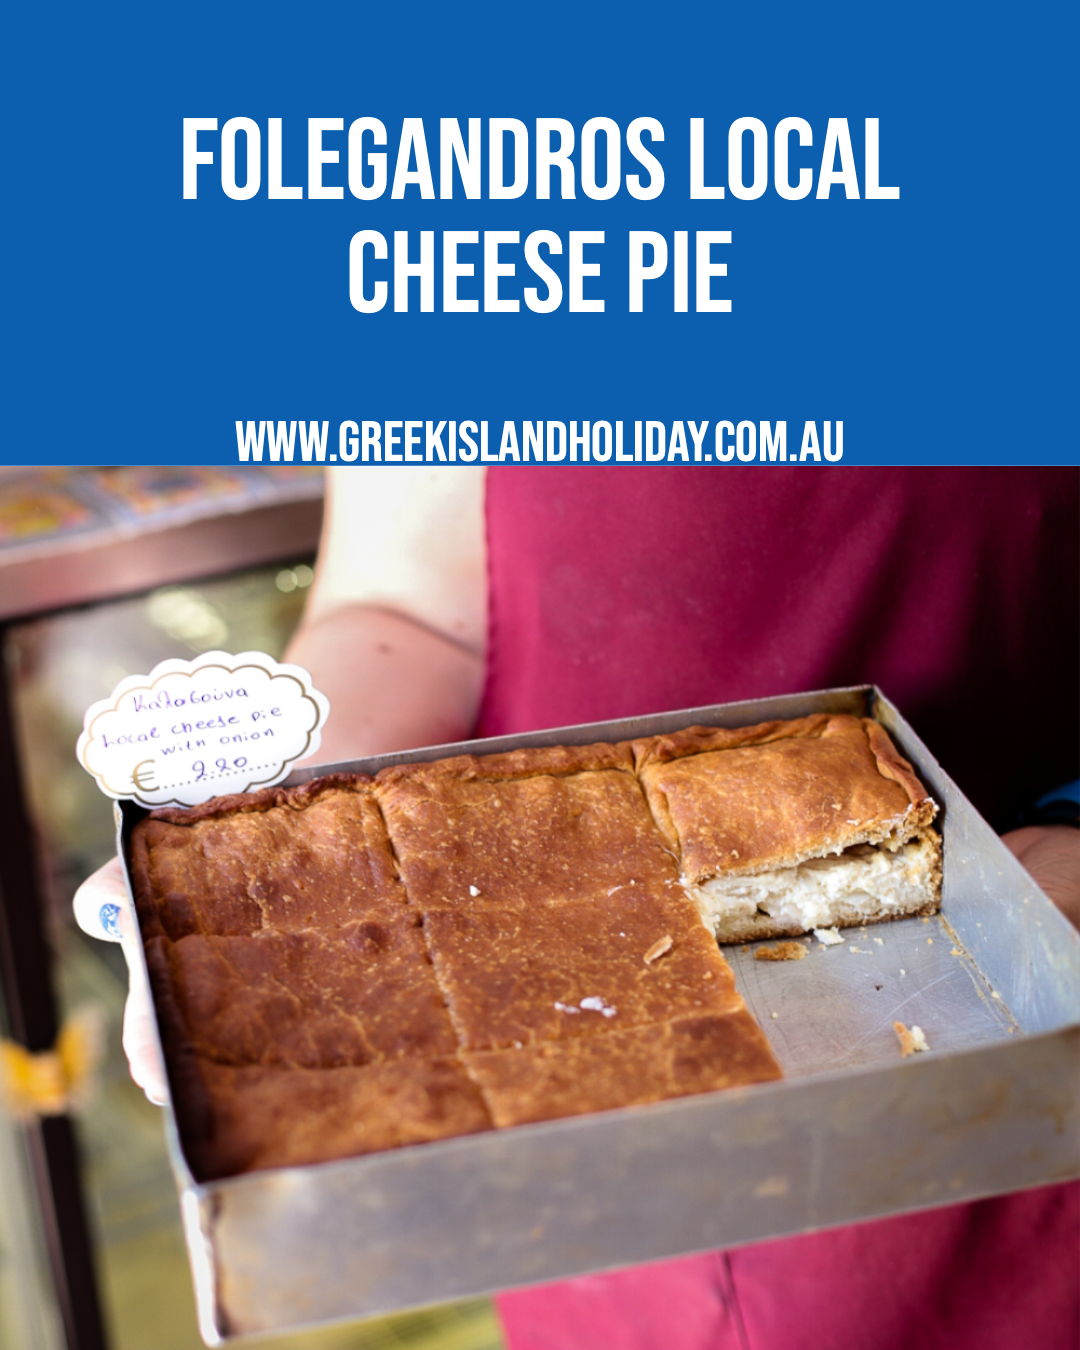 Folegandros local cheese pie